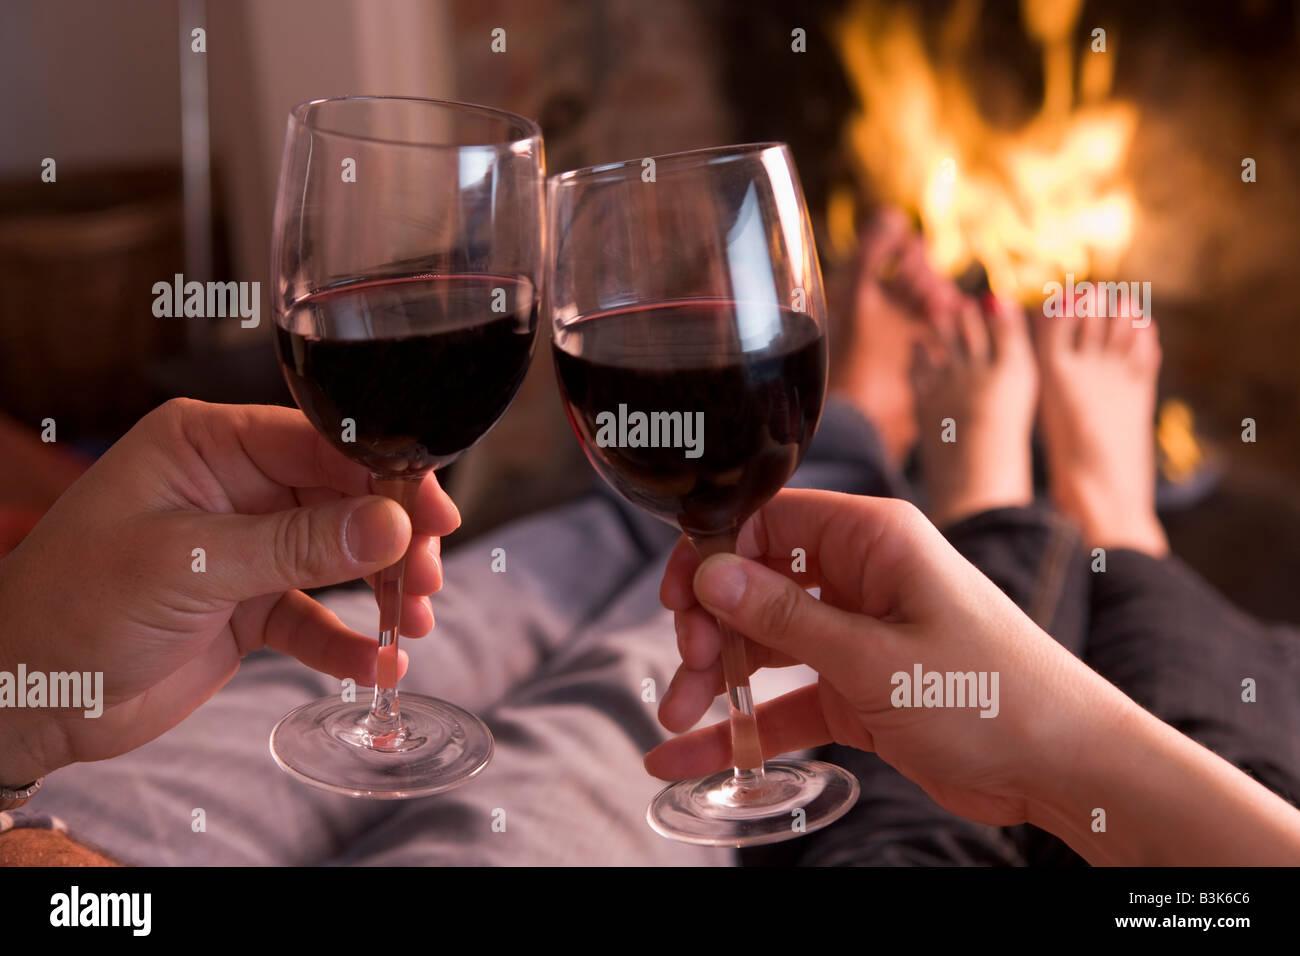 Pies calentando a chimenea con manos sosteniendo el vino Imagen De Stock